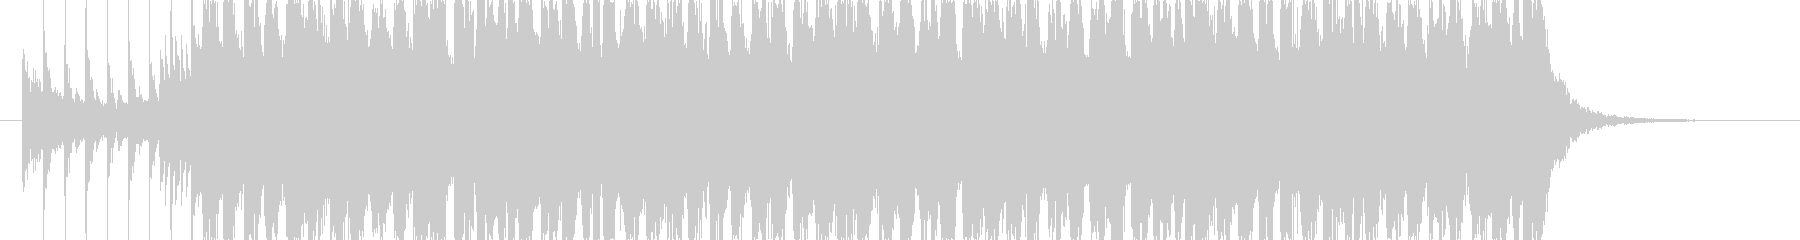 疾走感のあるギターロックポップの未再生の波形